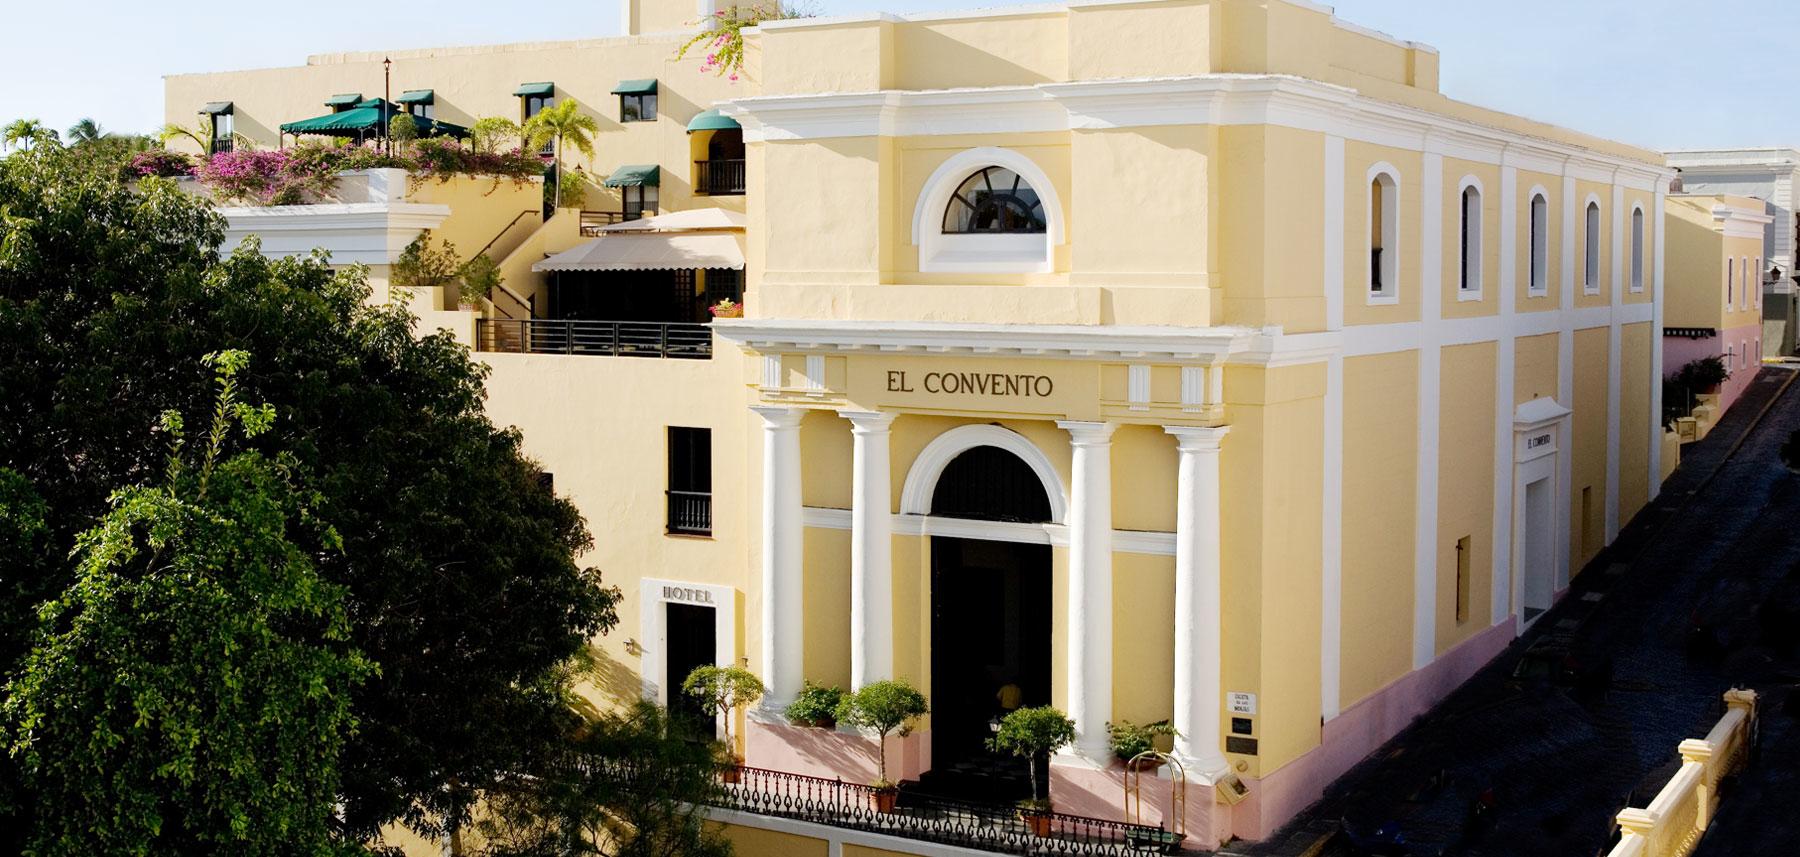 Hotel El Convento exterior view